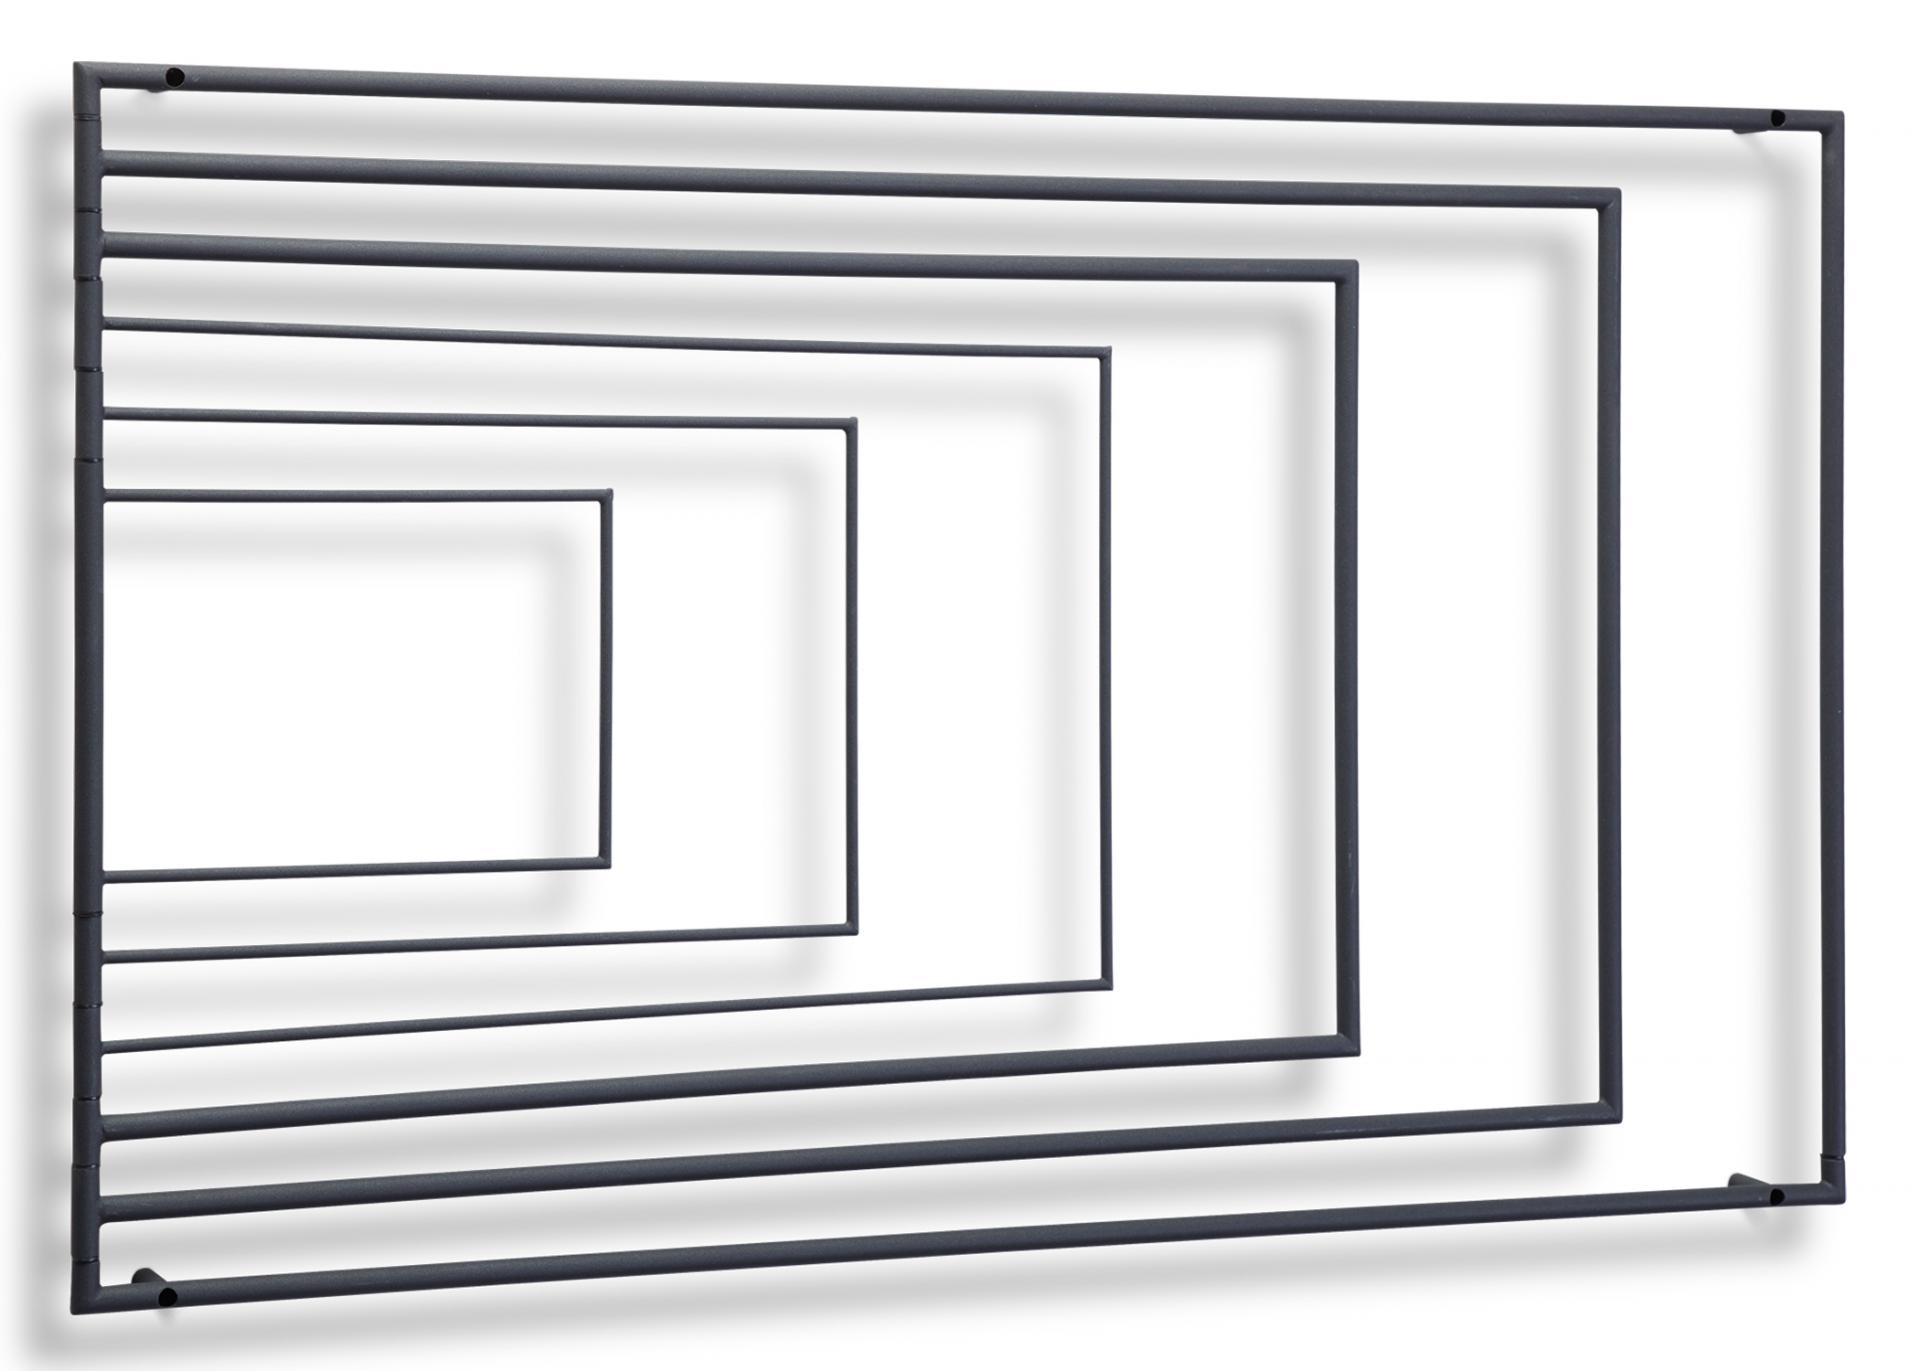 Northern designové nástěnné věšáky Frame